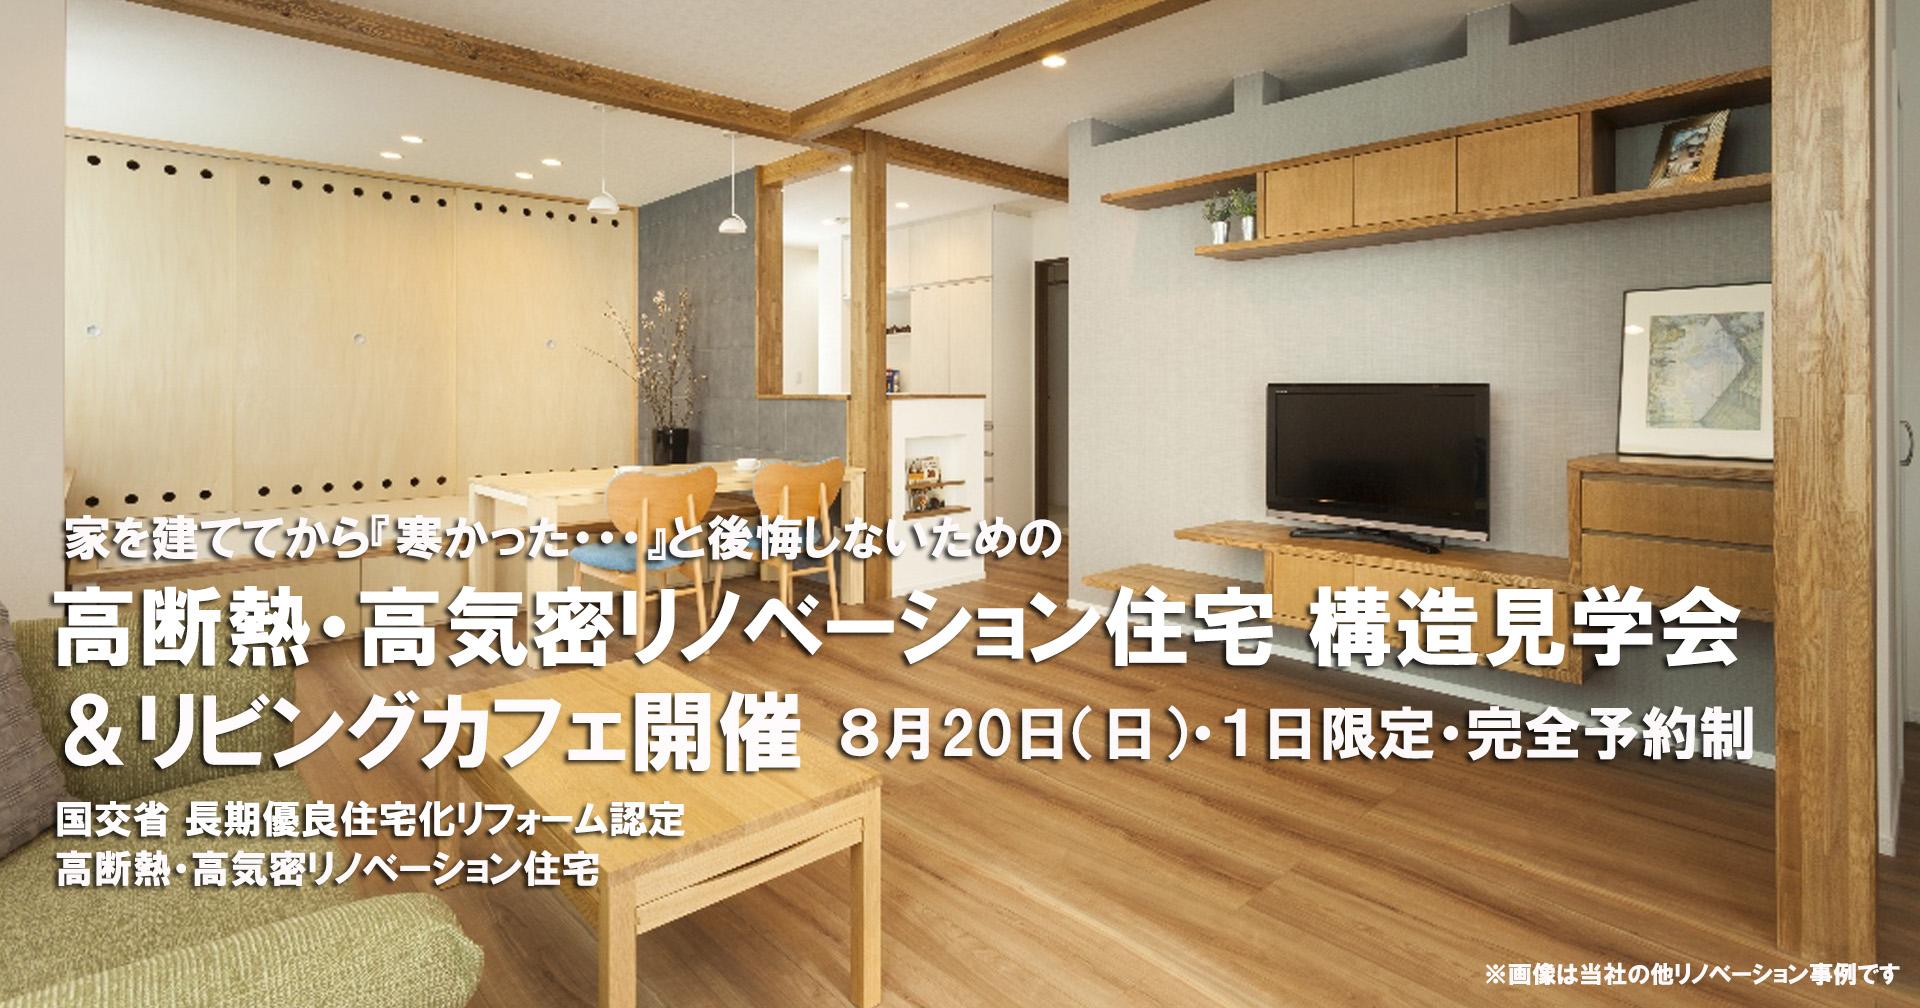 リノベーション 札幌 構造見学会 8月20日開催 1日限定